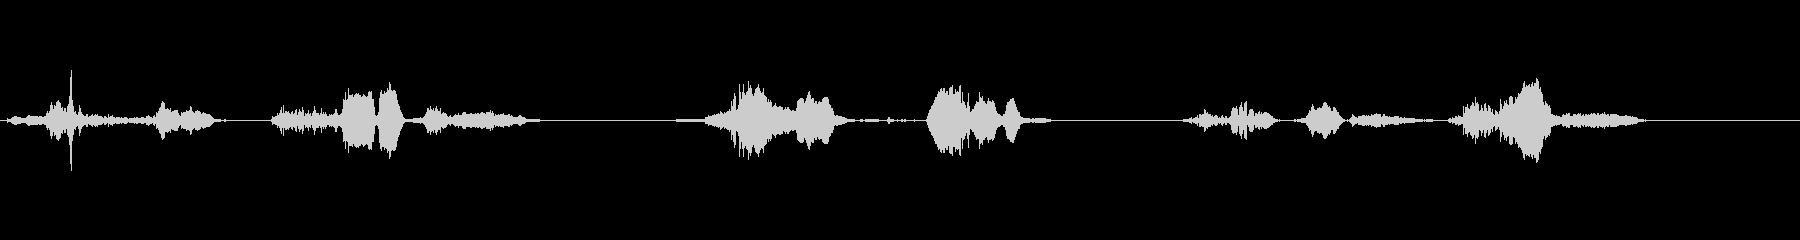 ヒンジきしみ;きしむヒンジの3つの...の未再生の波形